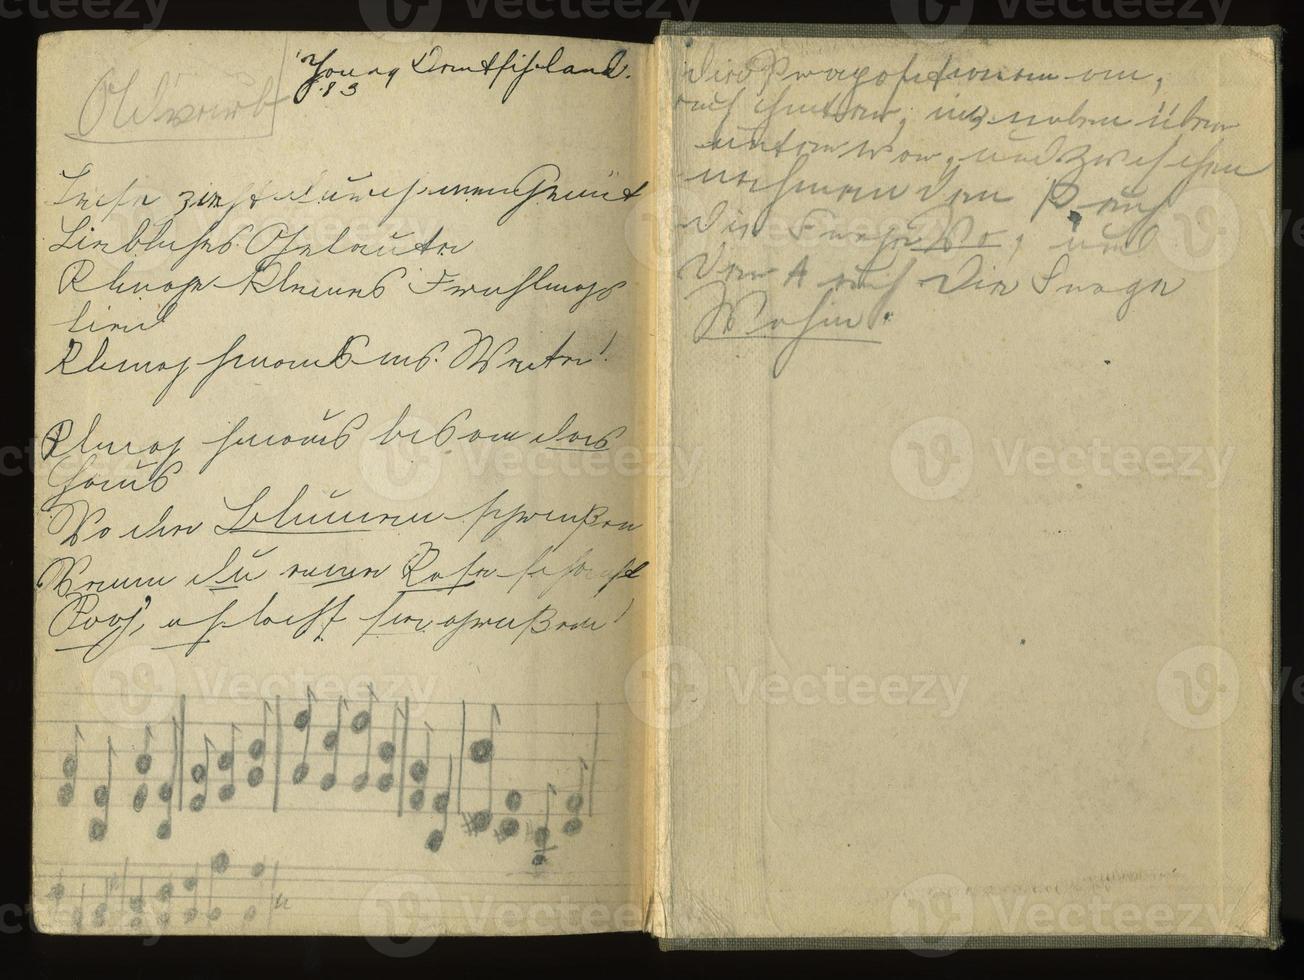 bok - tyska språket århundradet foto